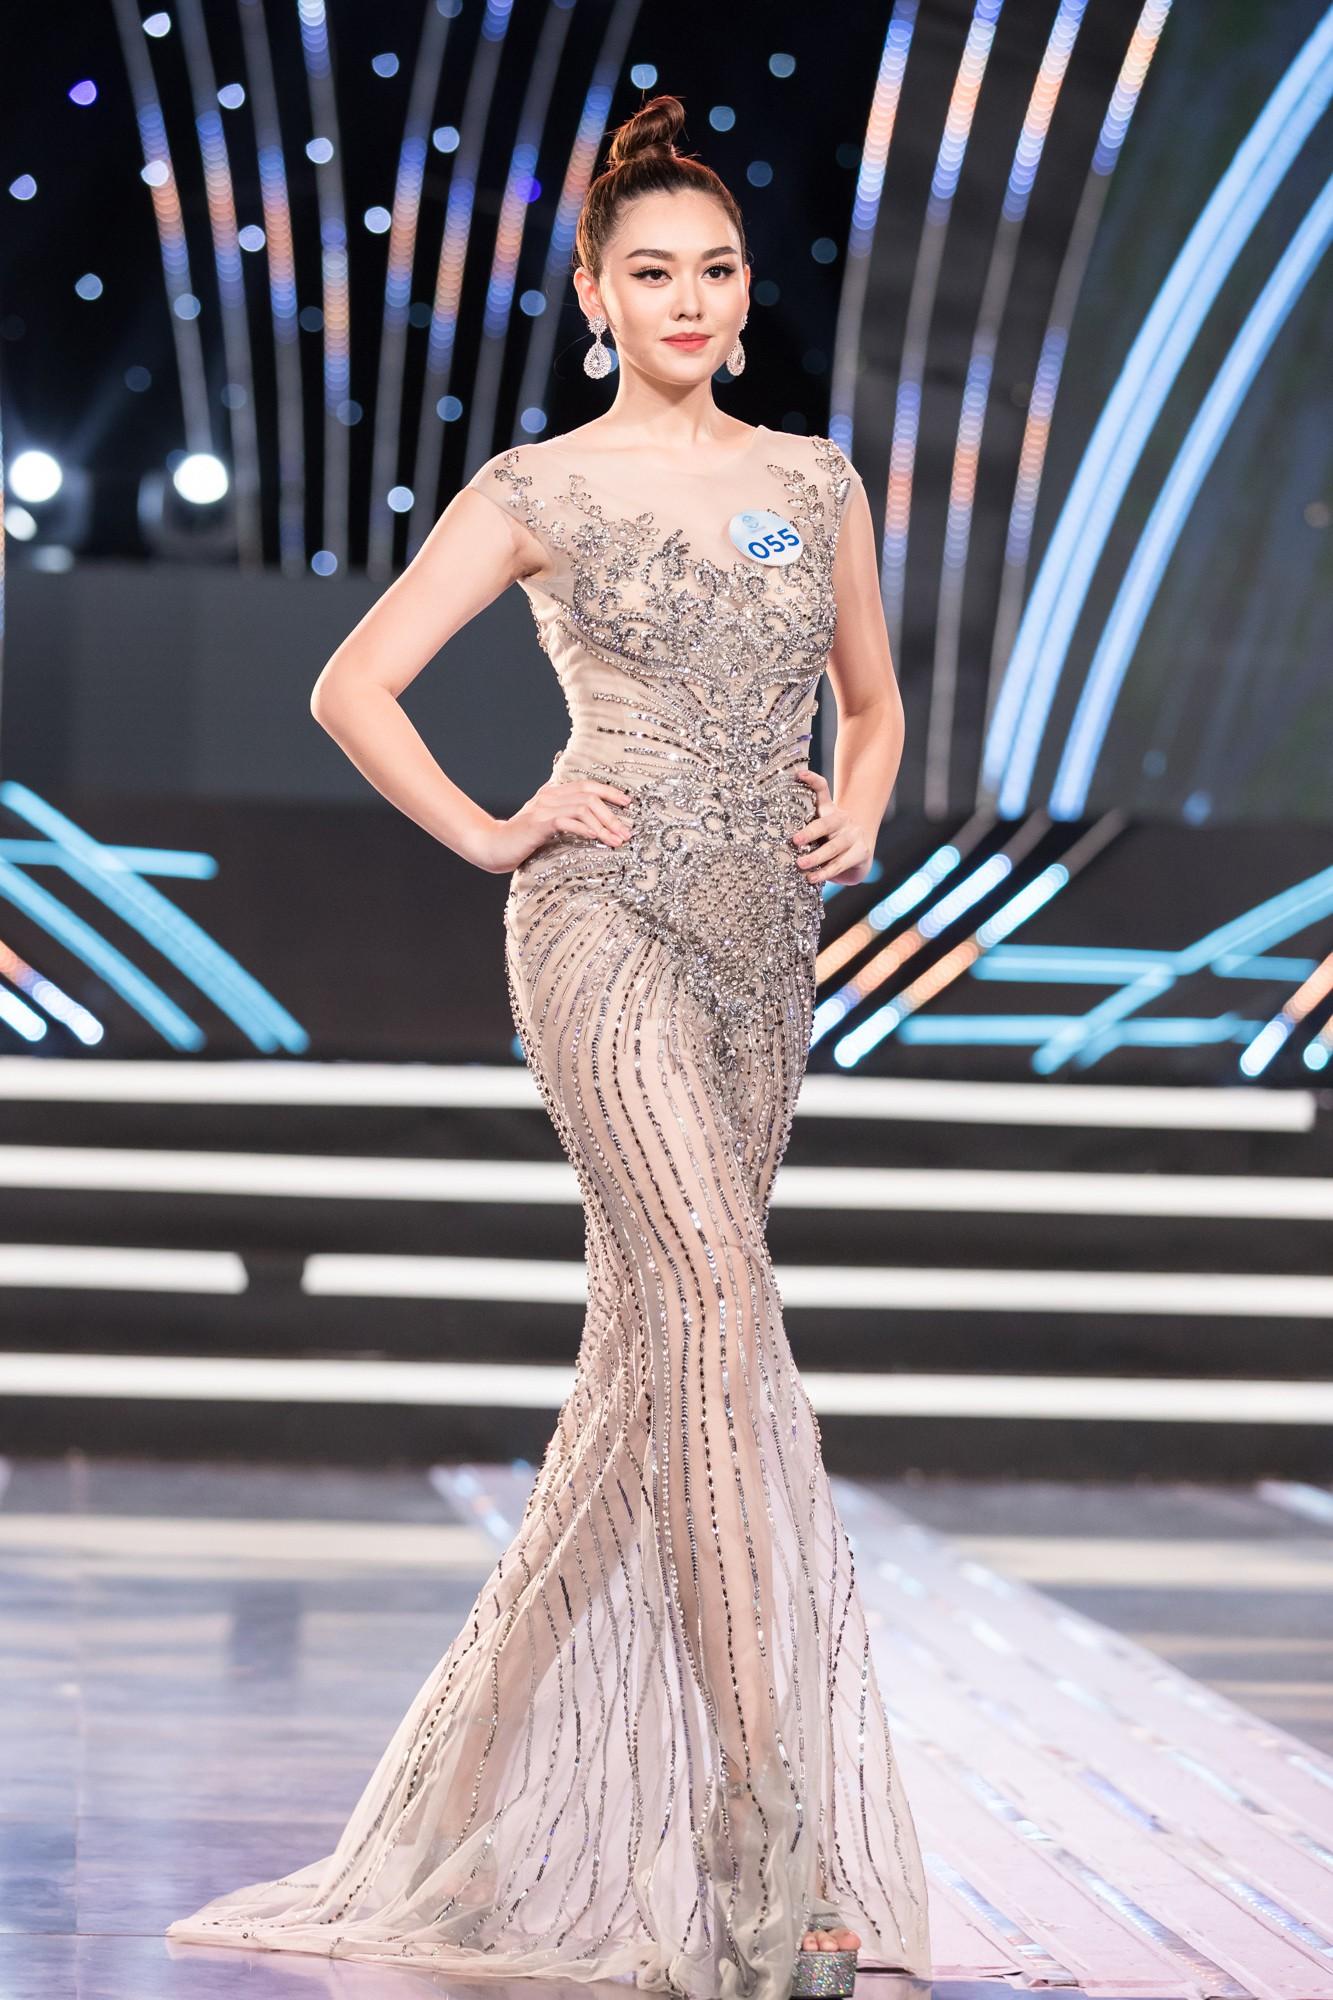 Soi nhan sắc 20 cô gái phía Bắc vừa lọt Chung kết Miss World VN: Thí sinh mặt đẹp nhất lại lộ vóc dáng đô con, thiếu đường cong-1